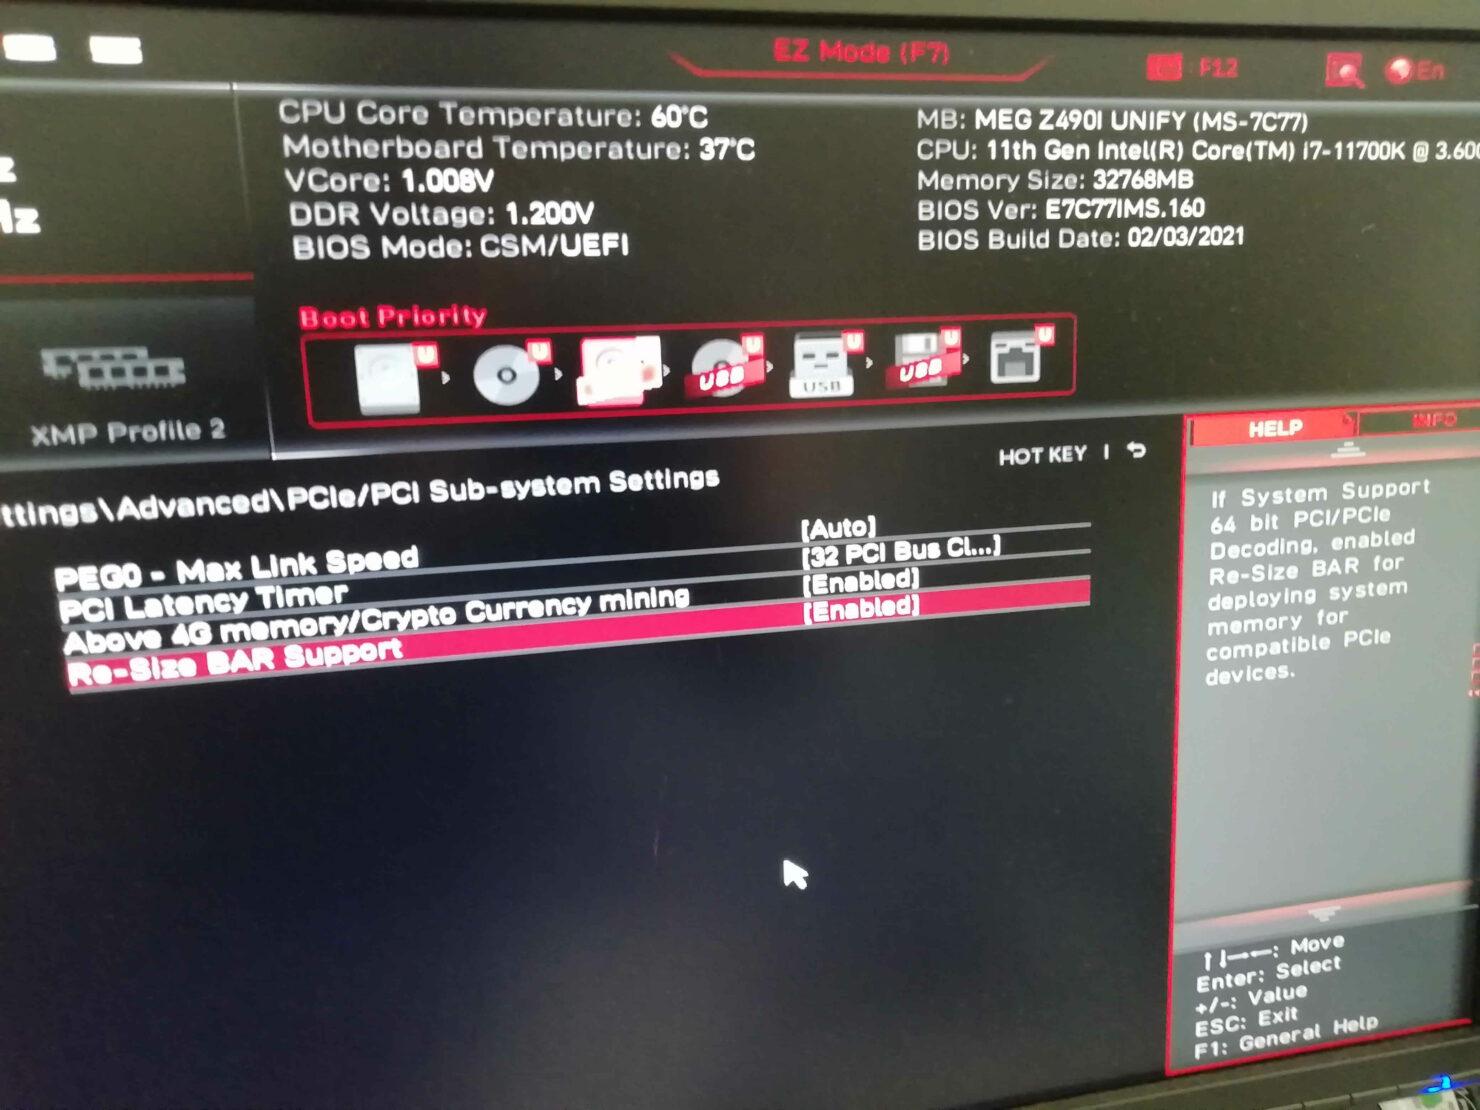 intel-core-i7-11700k-rocket-lake-8-core-desktop-cpu-_34-2